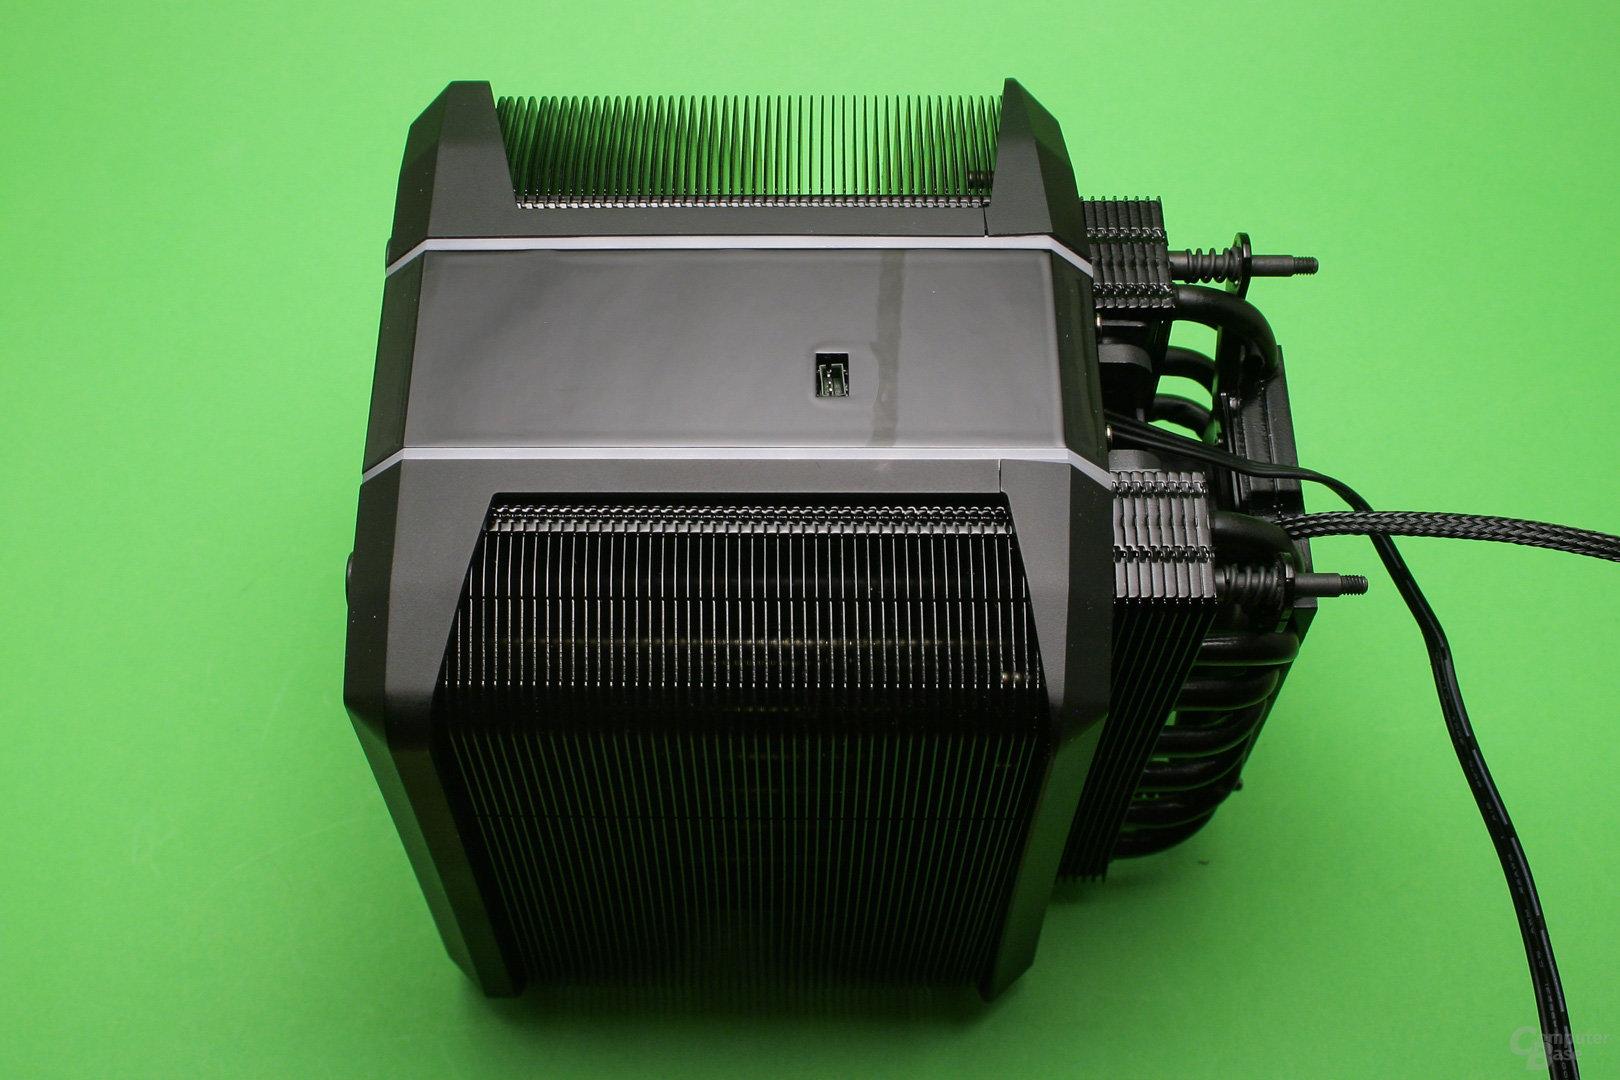 Cooler Master Wraith Ripper: Anschluss für die Steuerung der LED-Beleuchtung